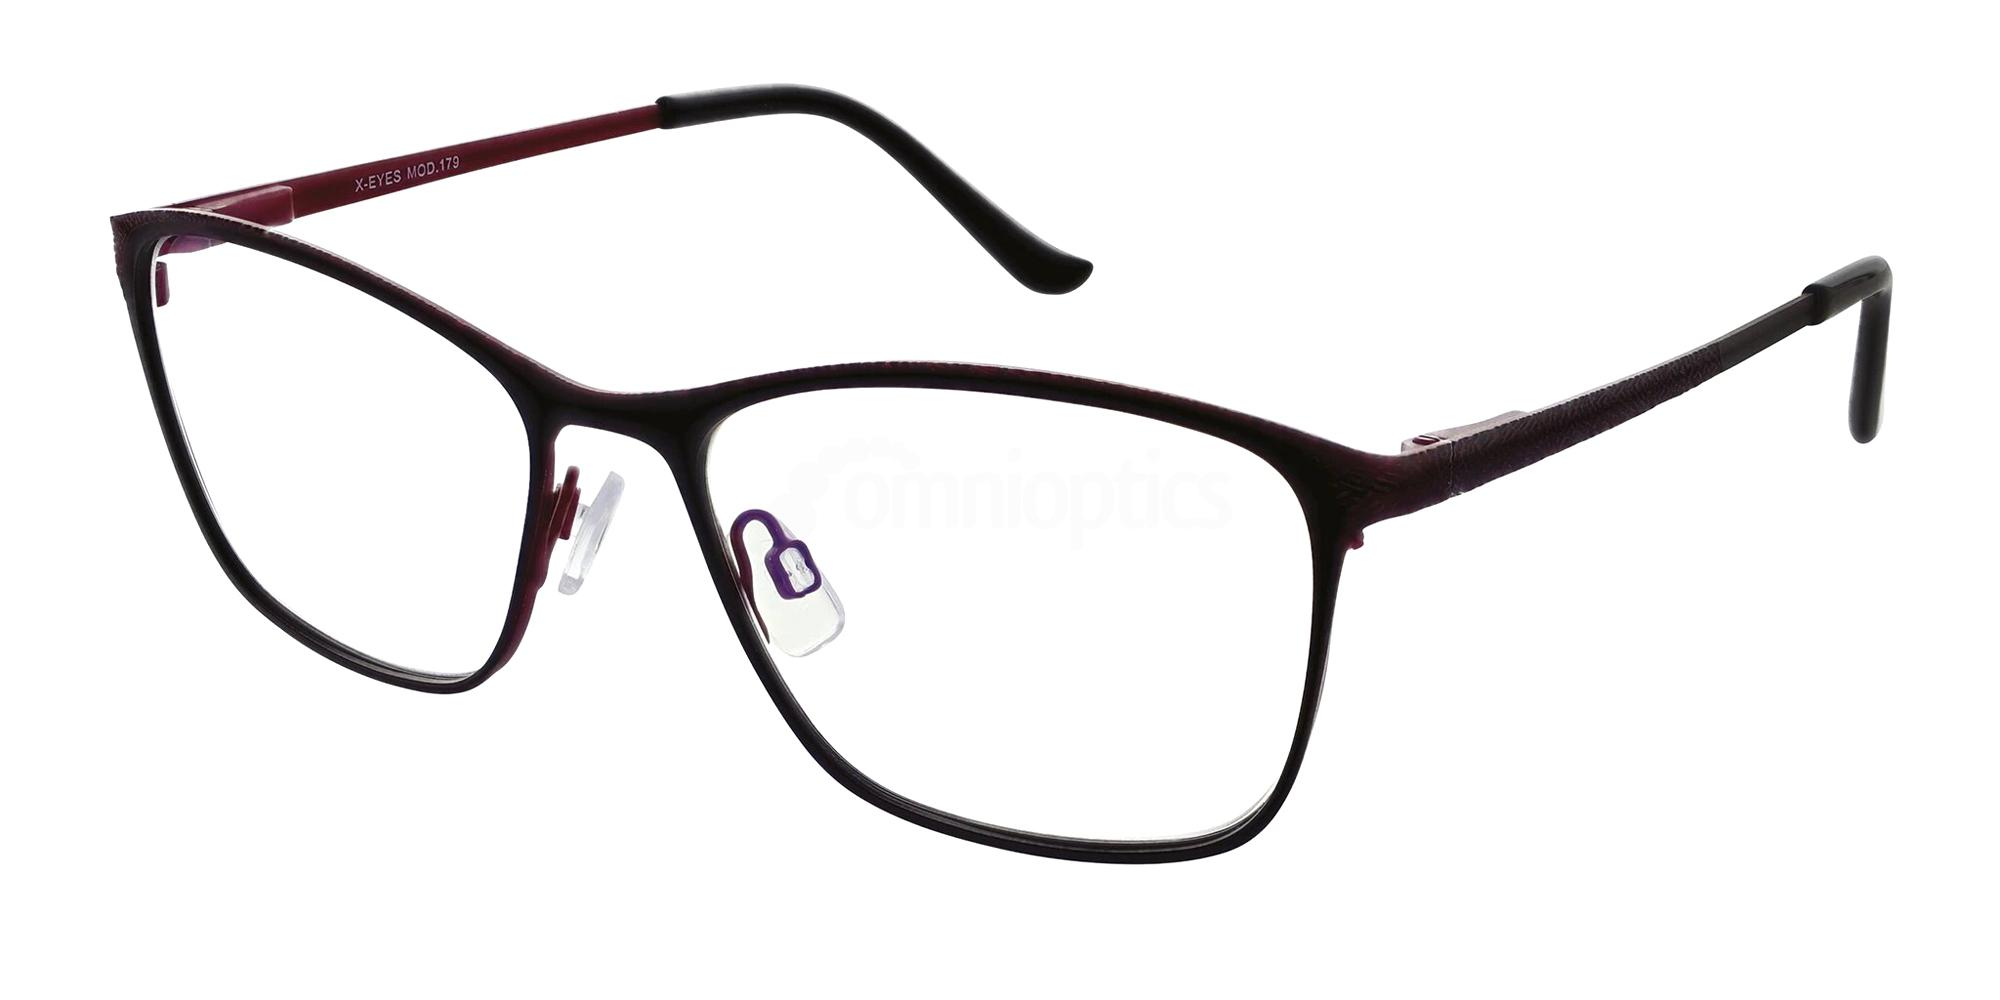 C.1 179 Glasses, X-Eyes